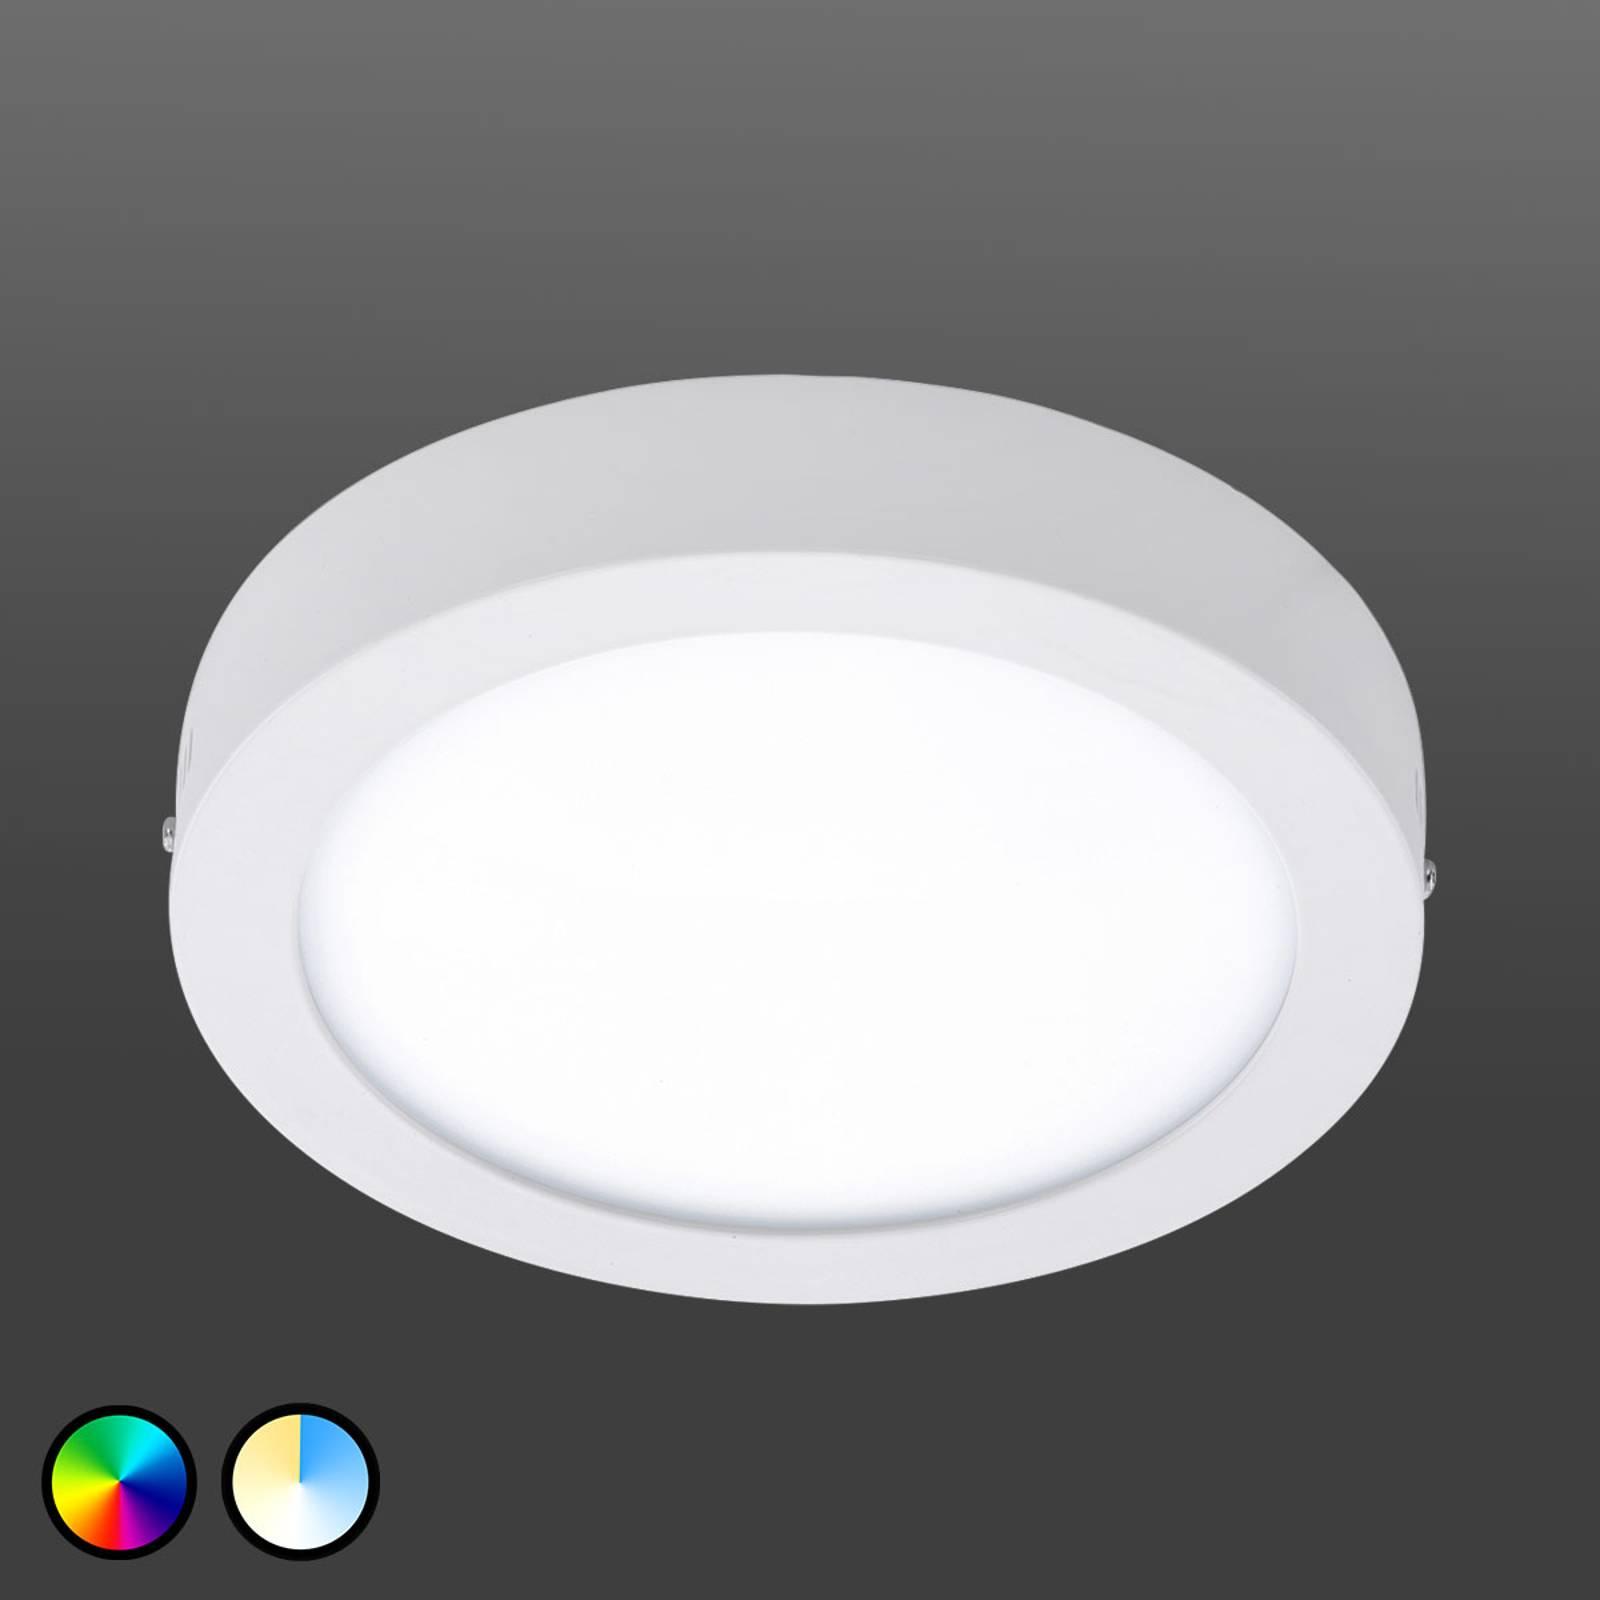 deckenstrahler und andere lampen von eglo bei lampenwelt online kaufen bei m bel garten. Black Bedroom Furniture Sets. Home Design Ideas